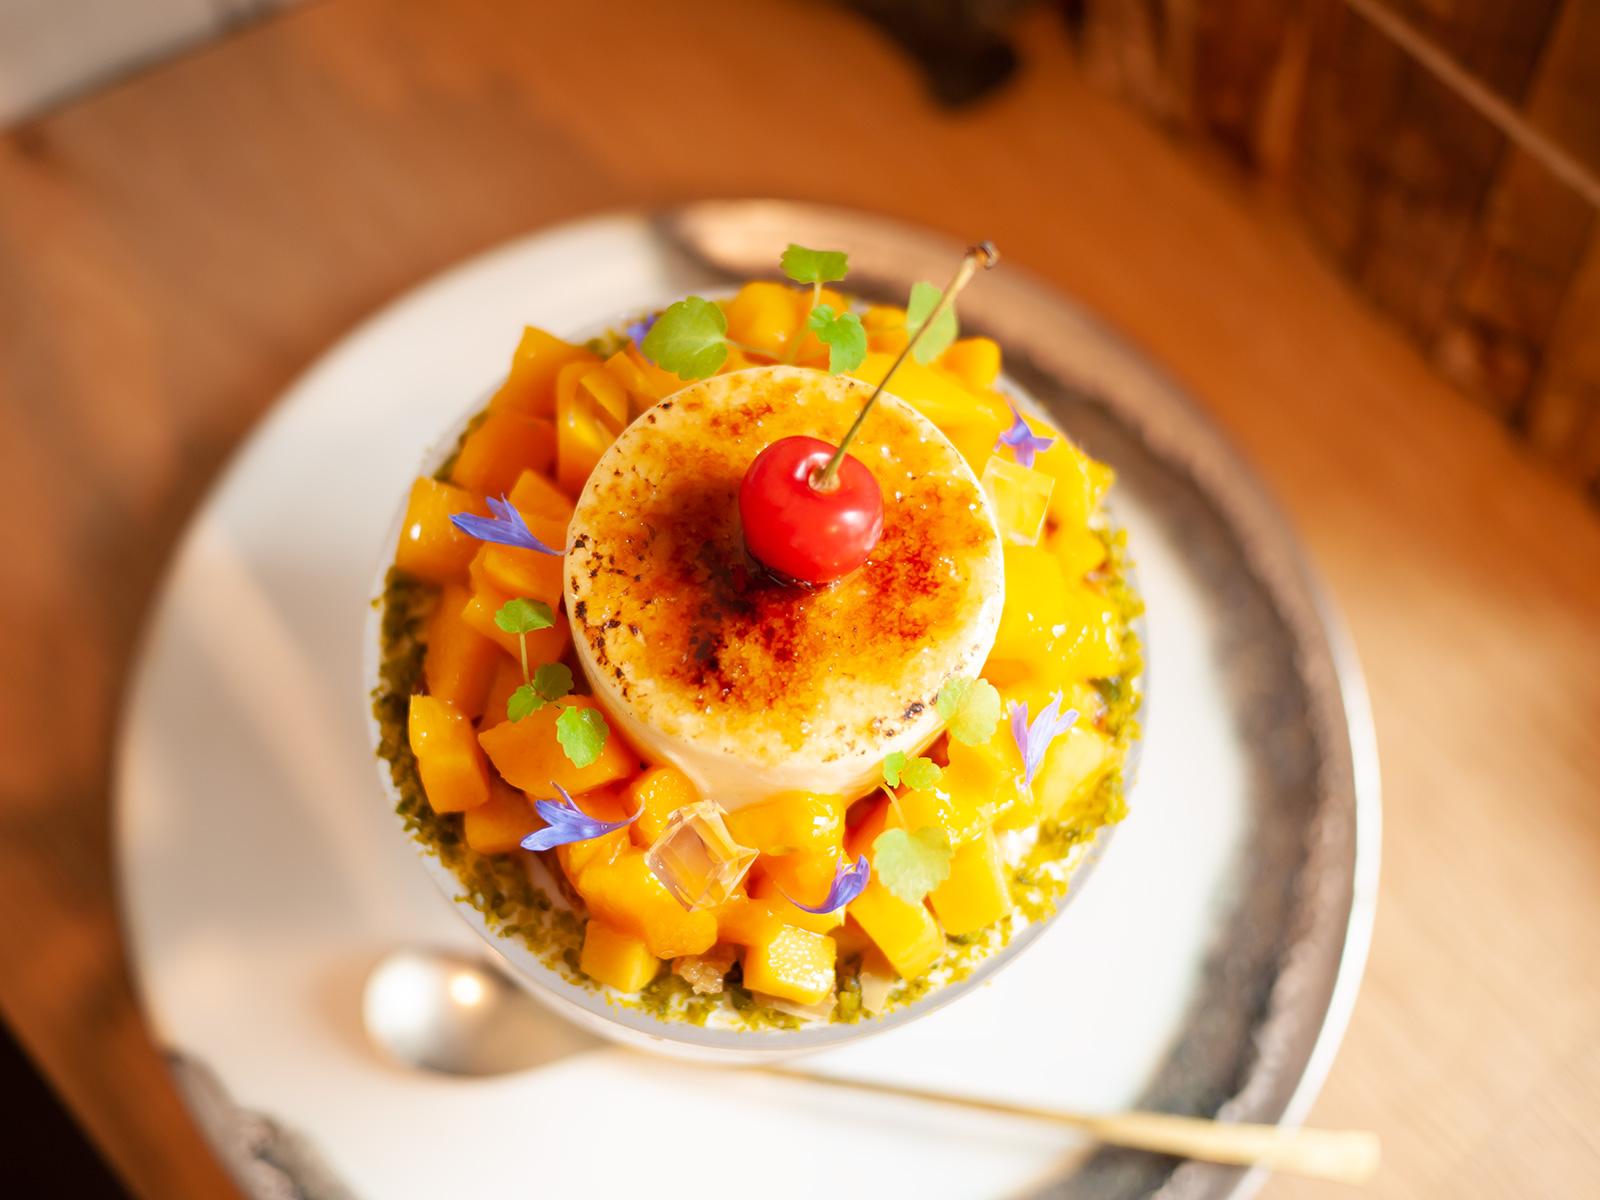 ジャスミン香る宮崎マンゴーと青森さくらんぼのピュイダムール仕立て  杏仁とフランボワーズ風味の上から